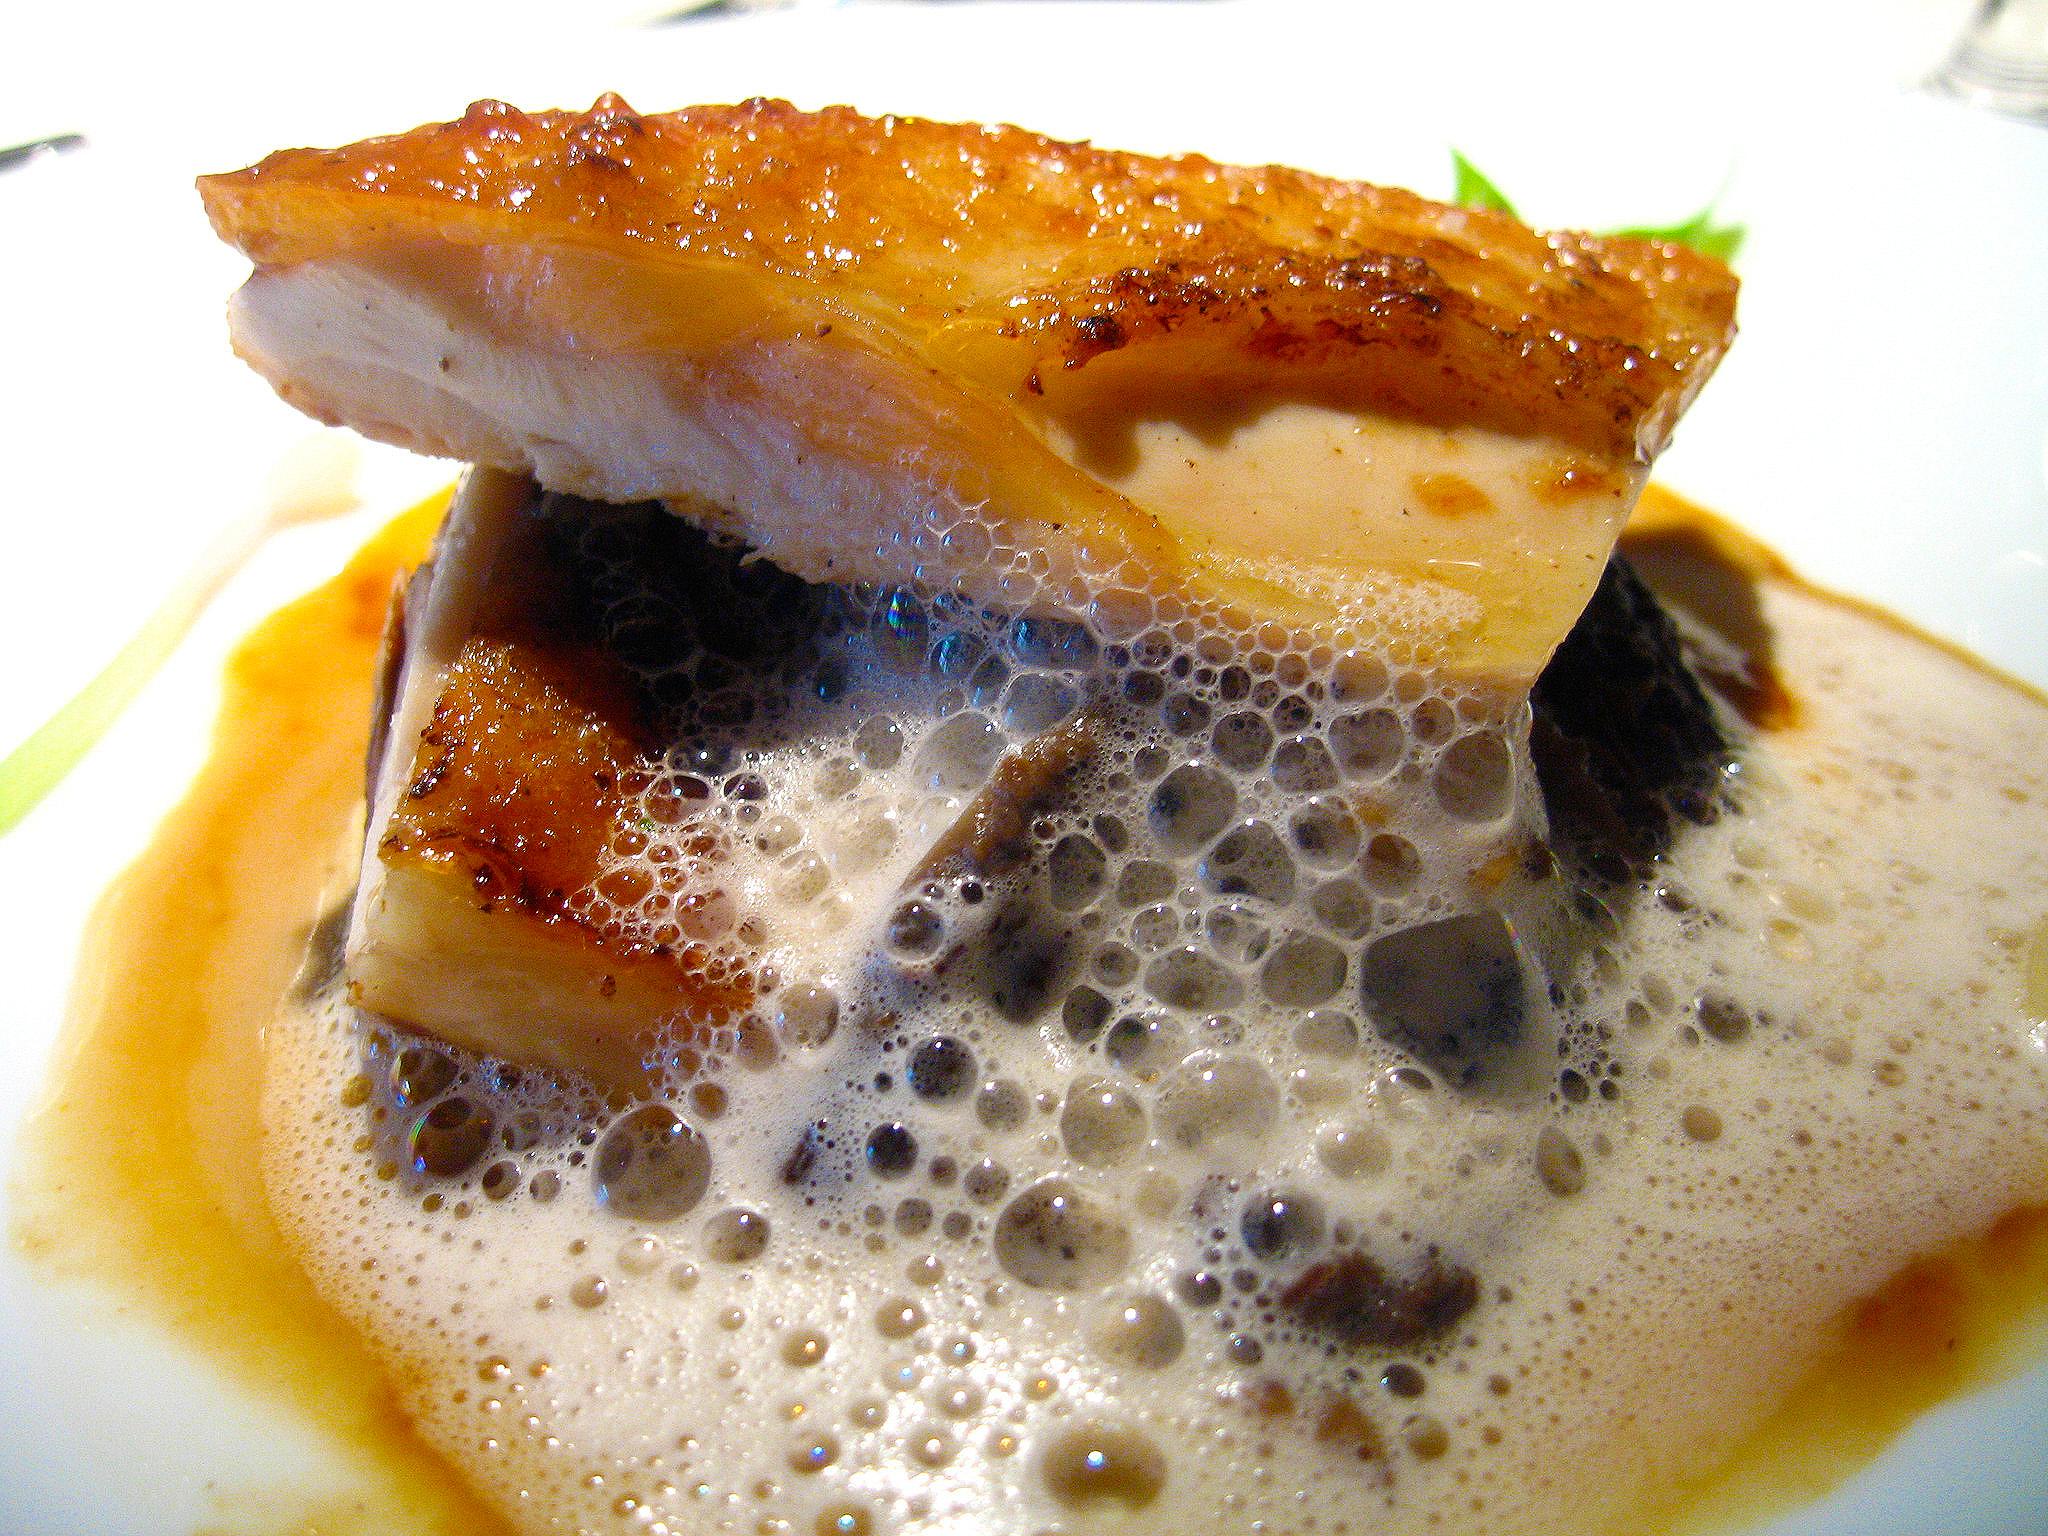 L'Astrance - Poularde de Bresse aux morilles, fondue de parmesan, sauce au vin jaune